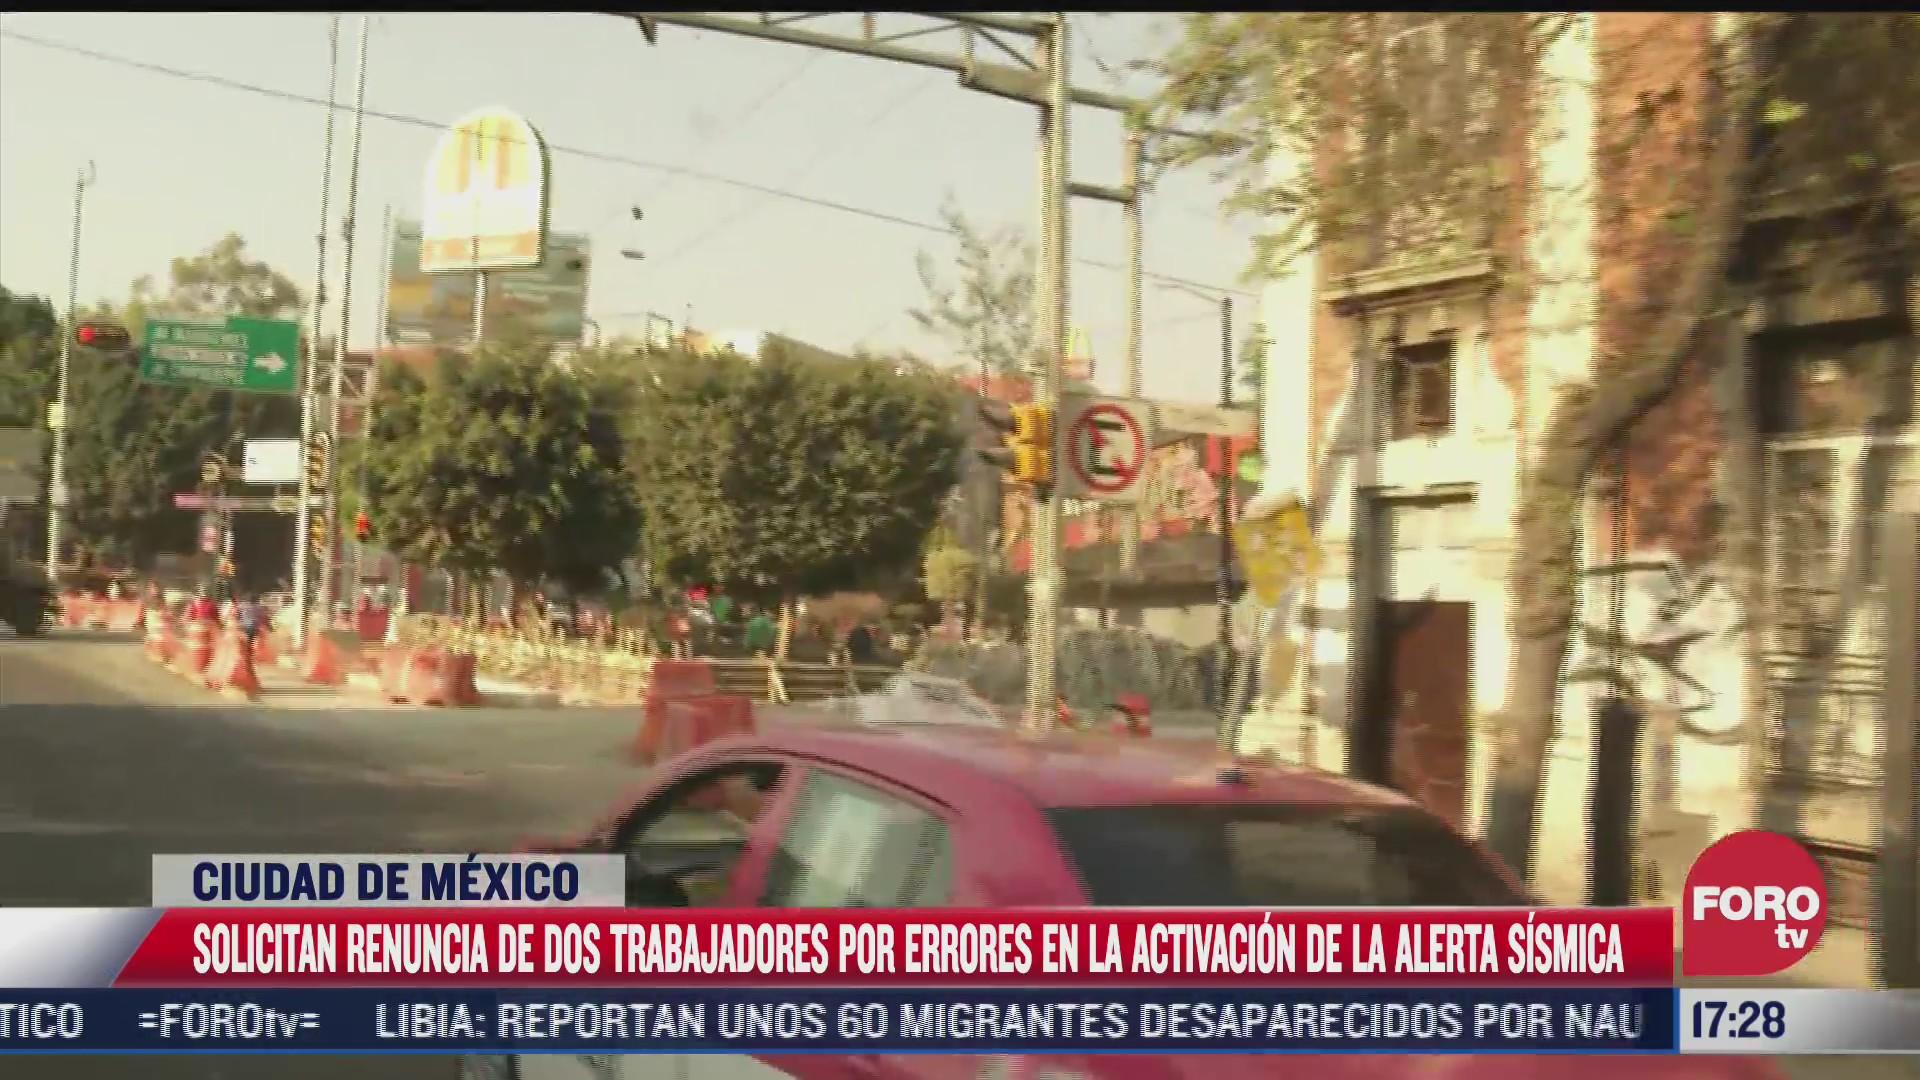 solicitan renuncia de 2 trabajadores por errores en alerta sismica de cdmx